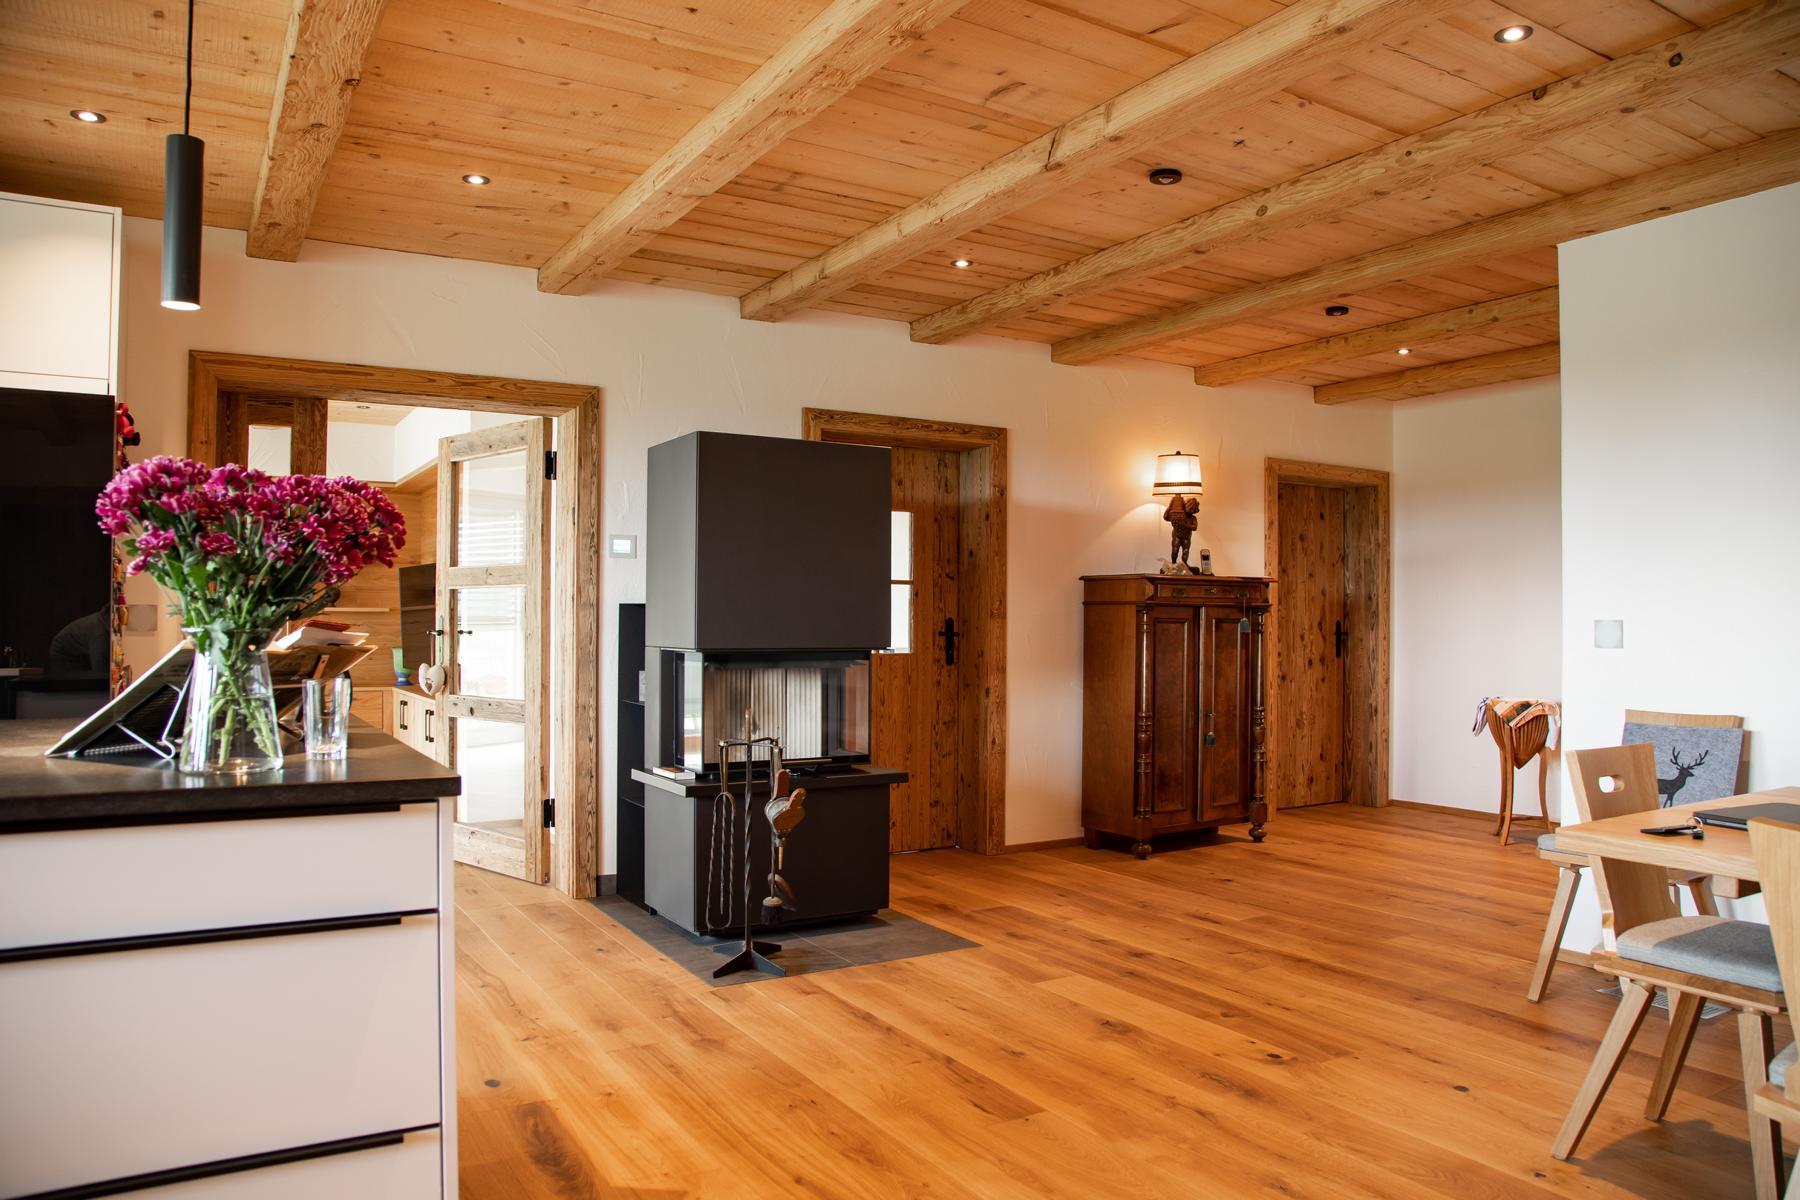 moderner Wohnraum mit Kaminofen